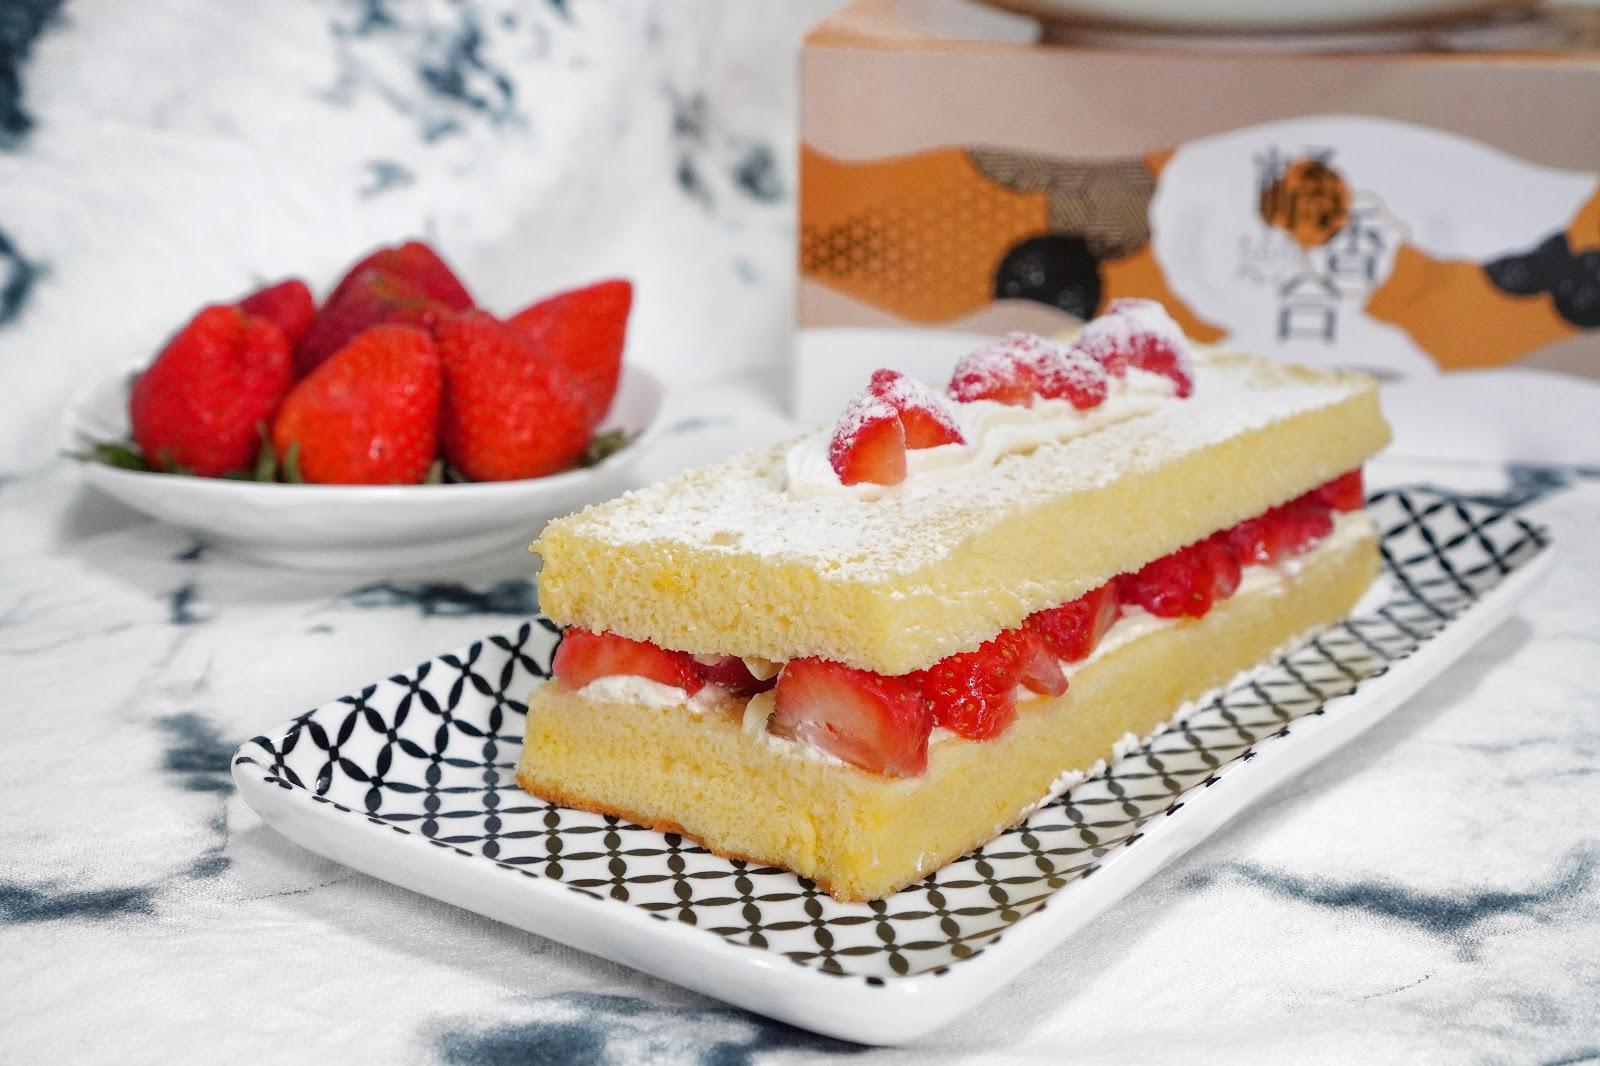 台南中西區美食【橘香合-蛋糕職人】草莓古早味蛋糕